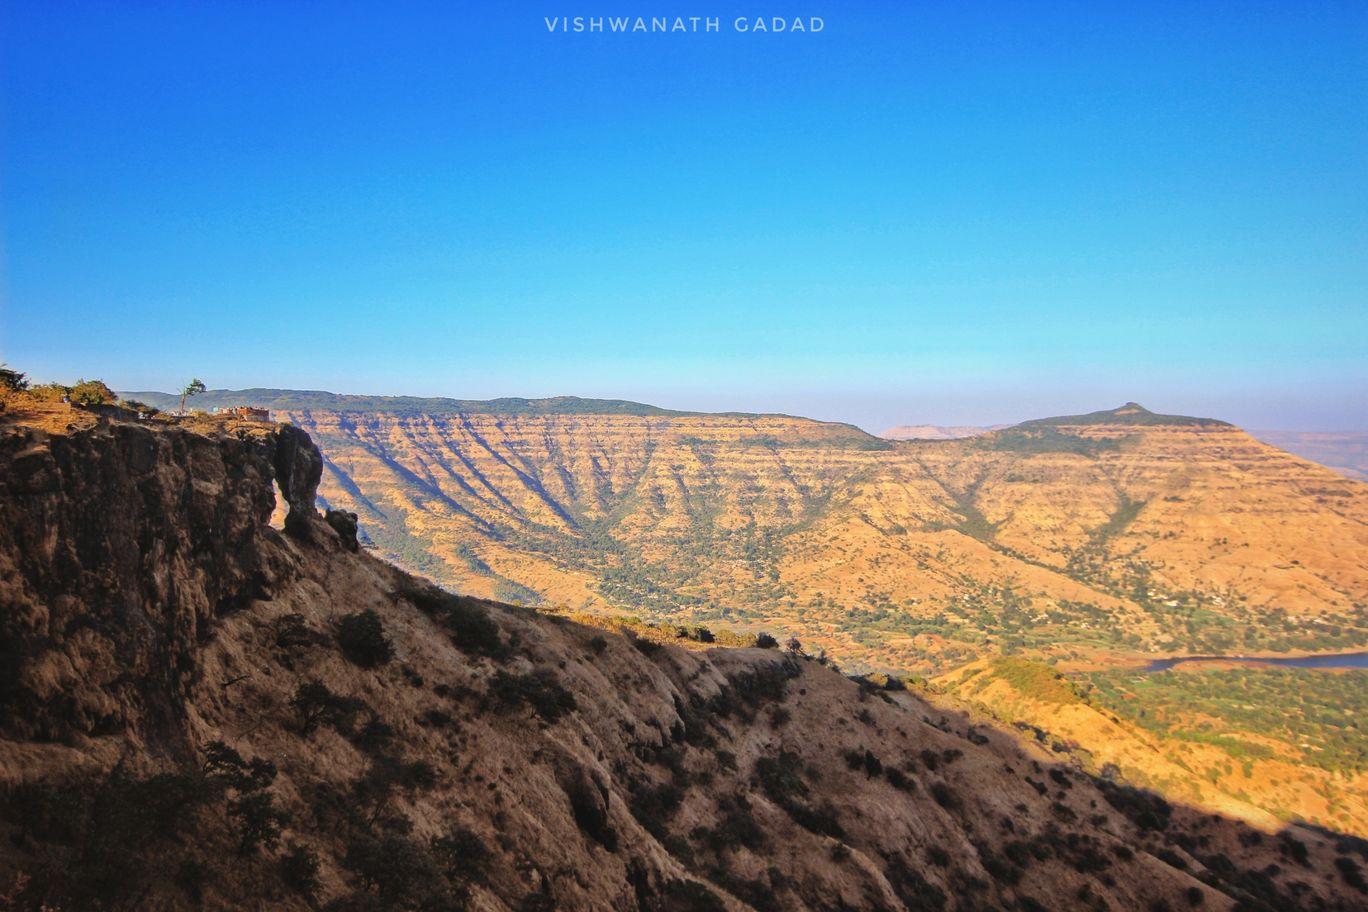 Photo of Elephants Head Point By Vishwanath Gadad